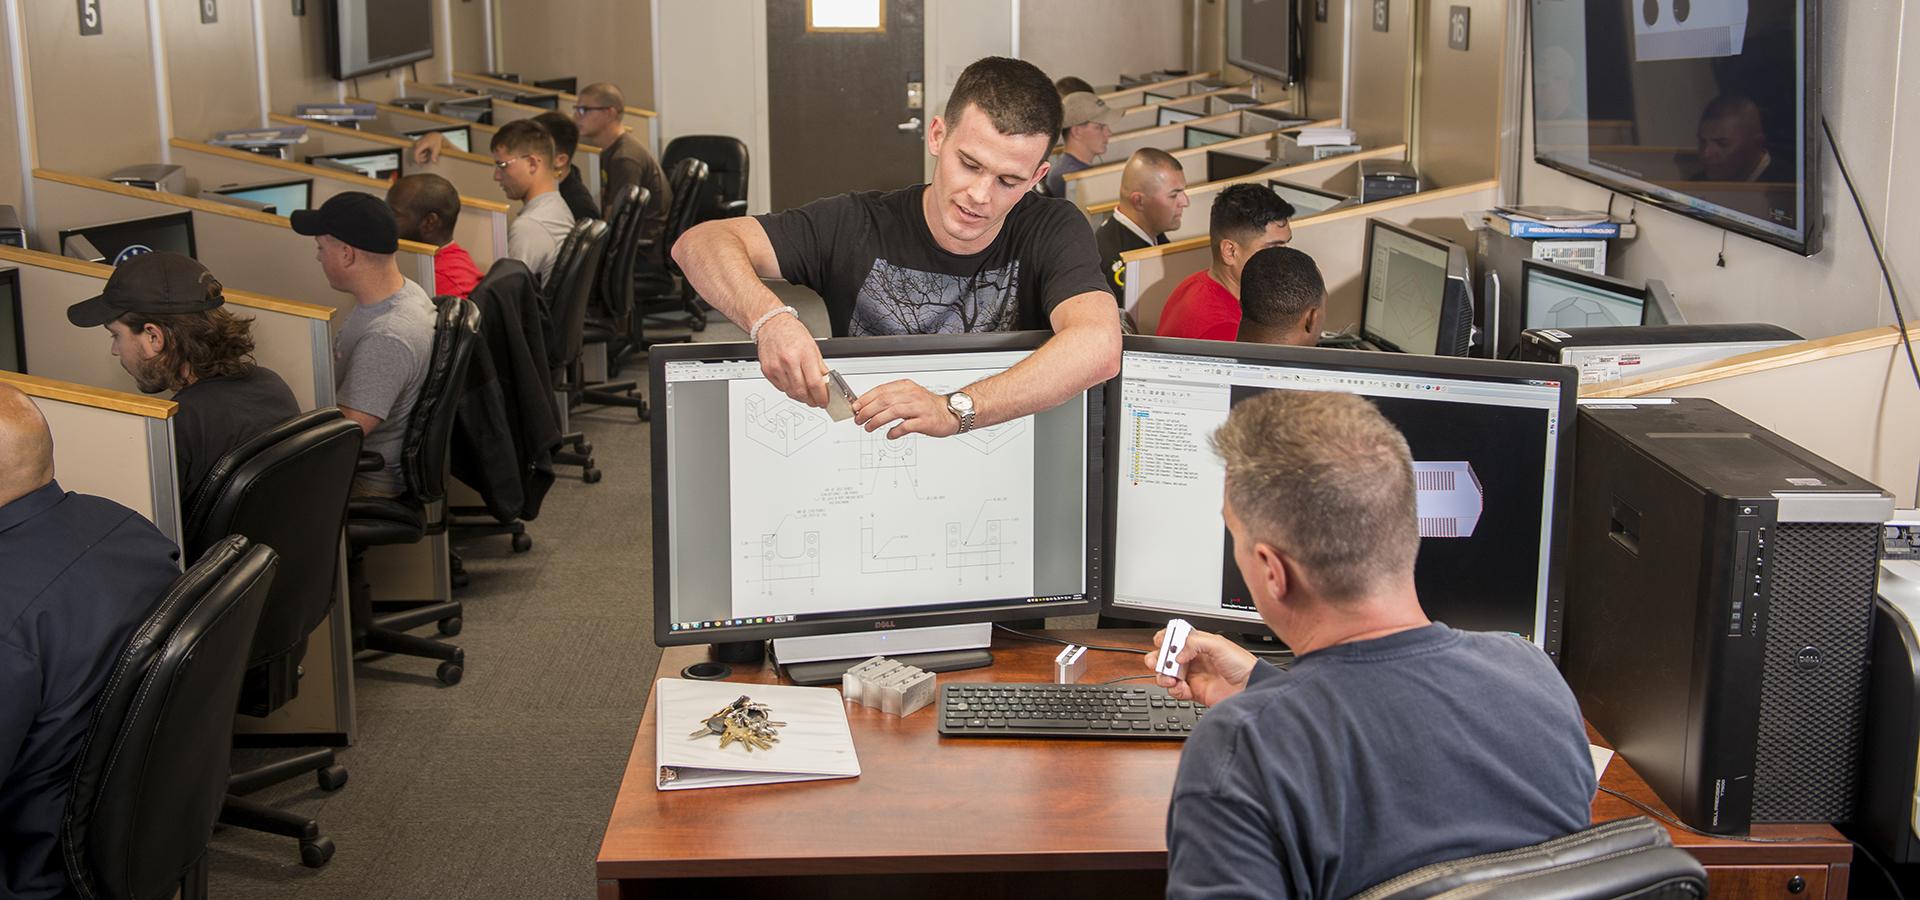 アメリカ退役軍人用教育プログラムにJCモルガンチェイスが7万5千ドルを寄付